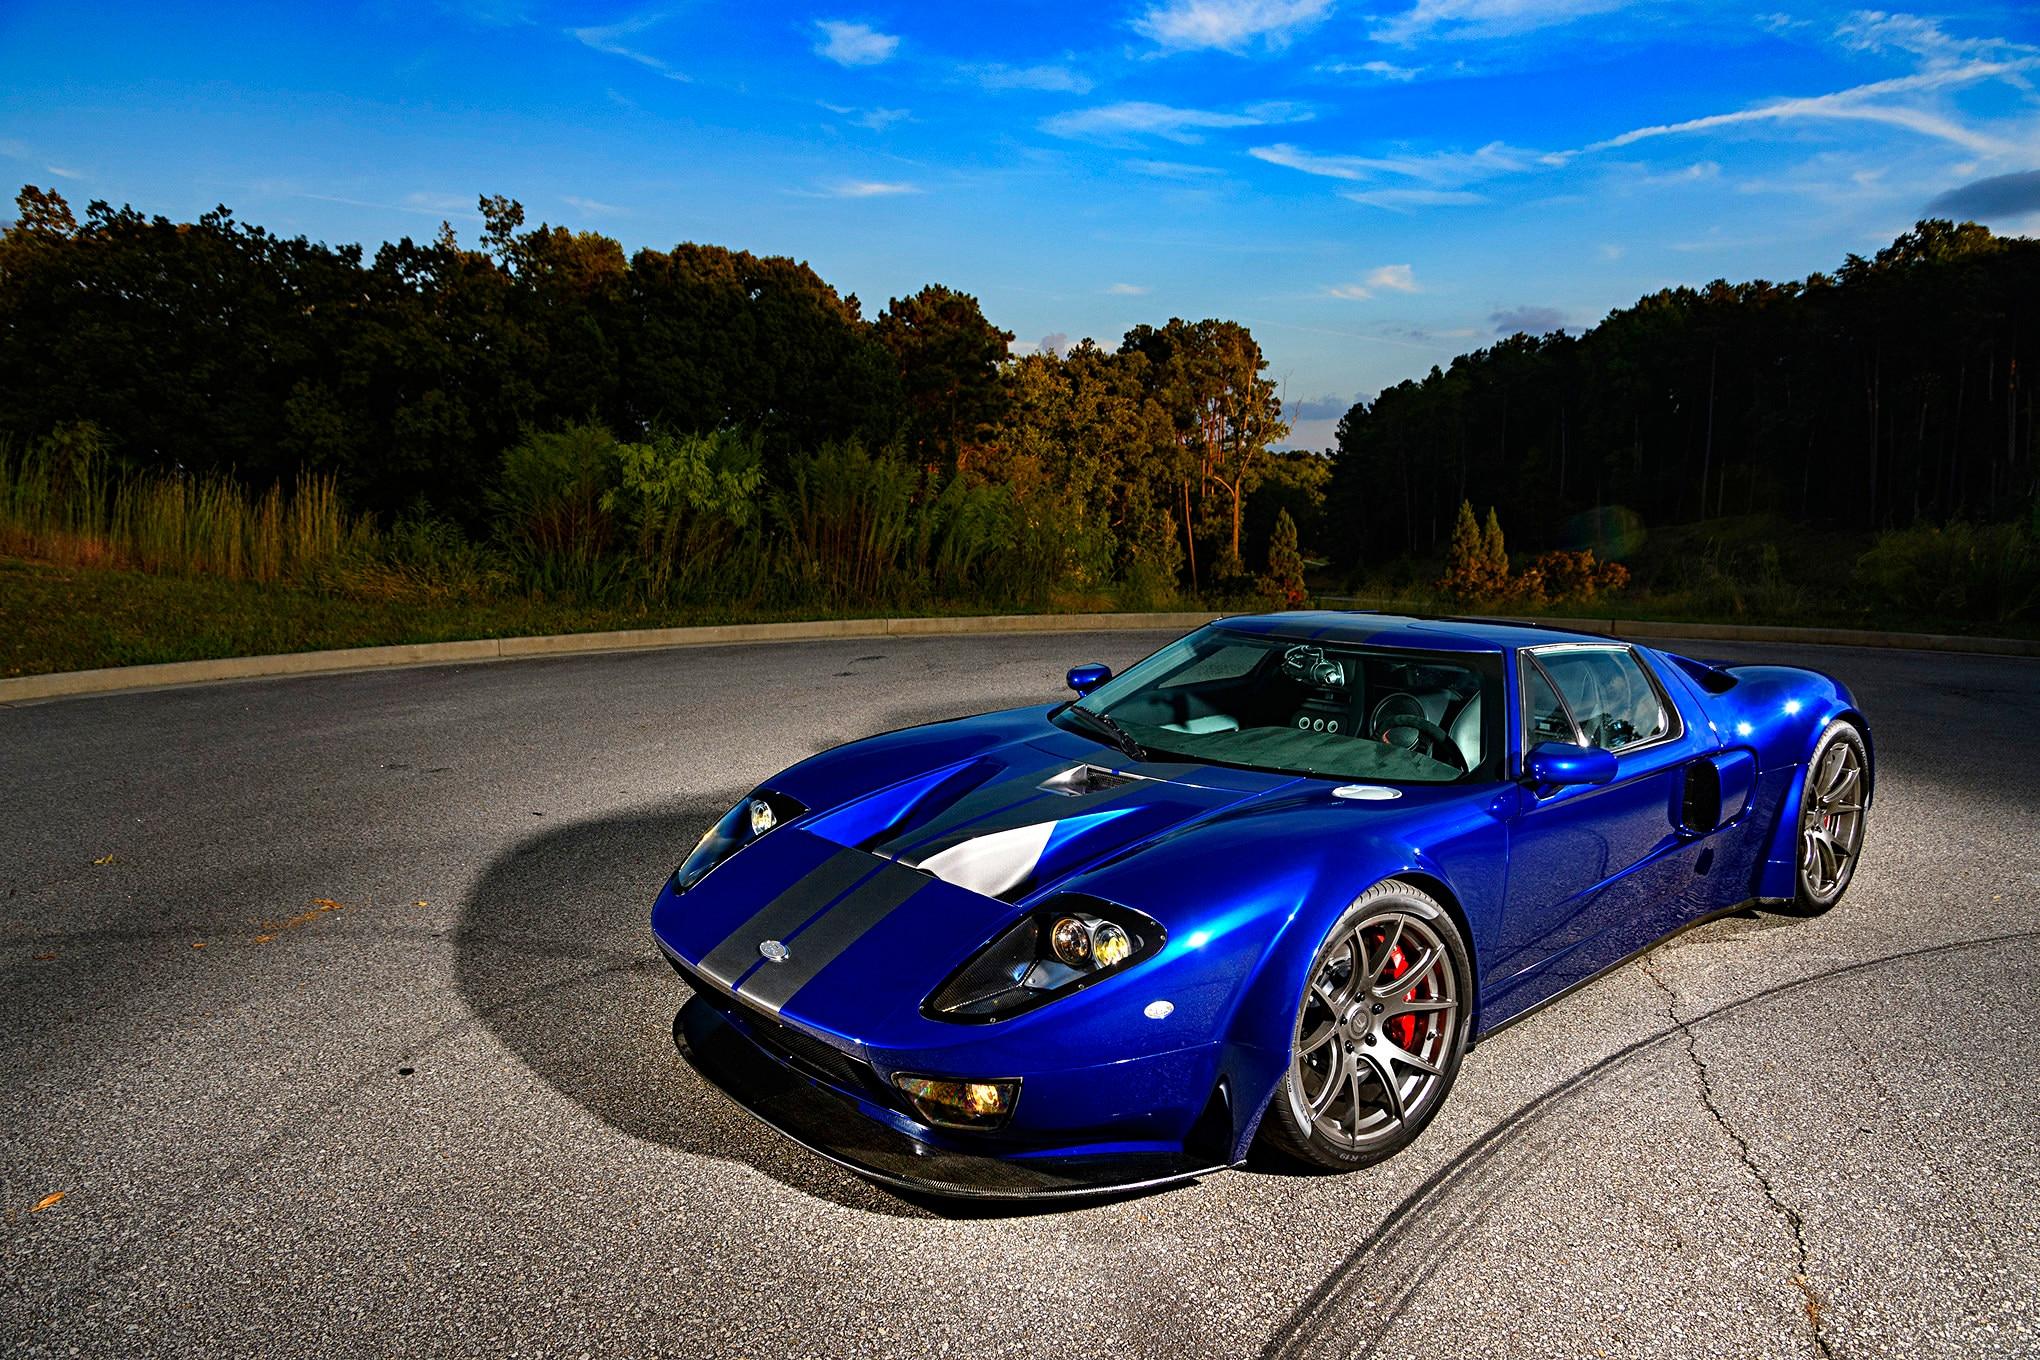 040-Superlite-GT-R-front-side-wide.jpg